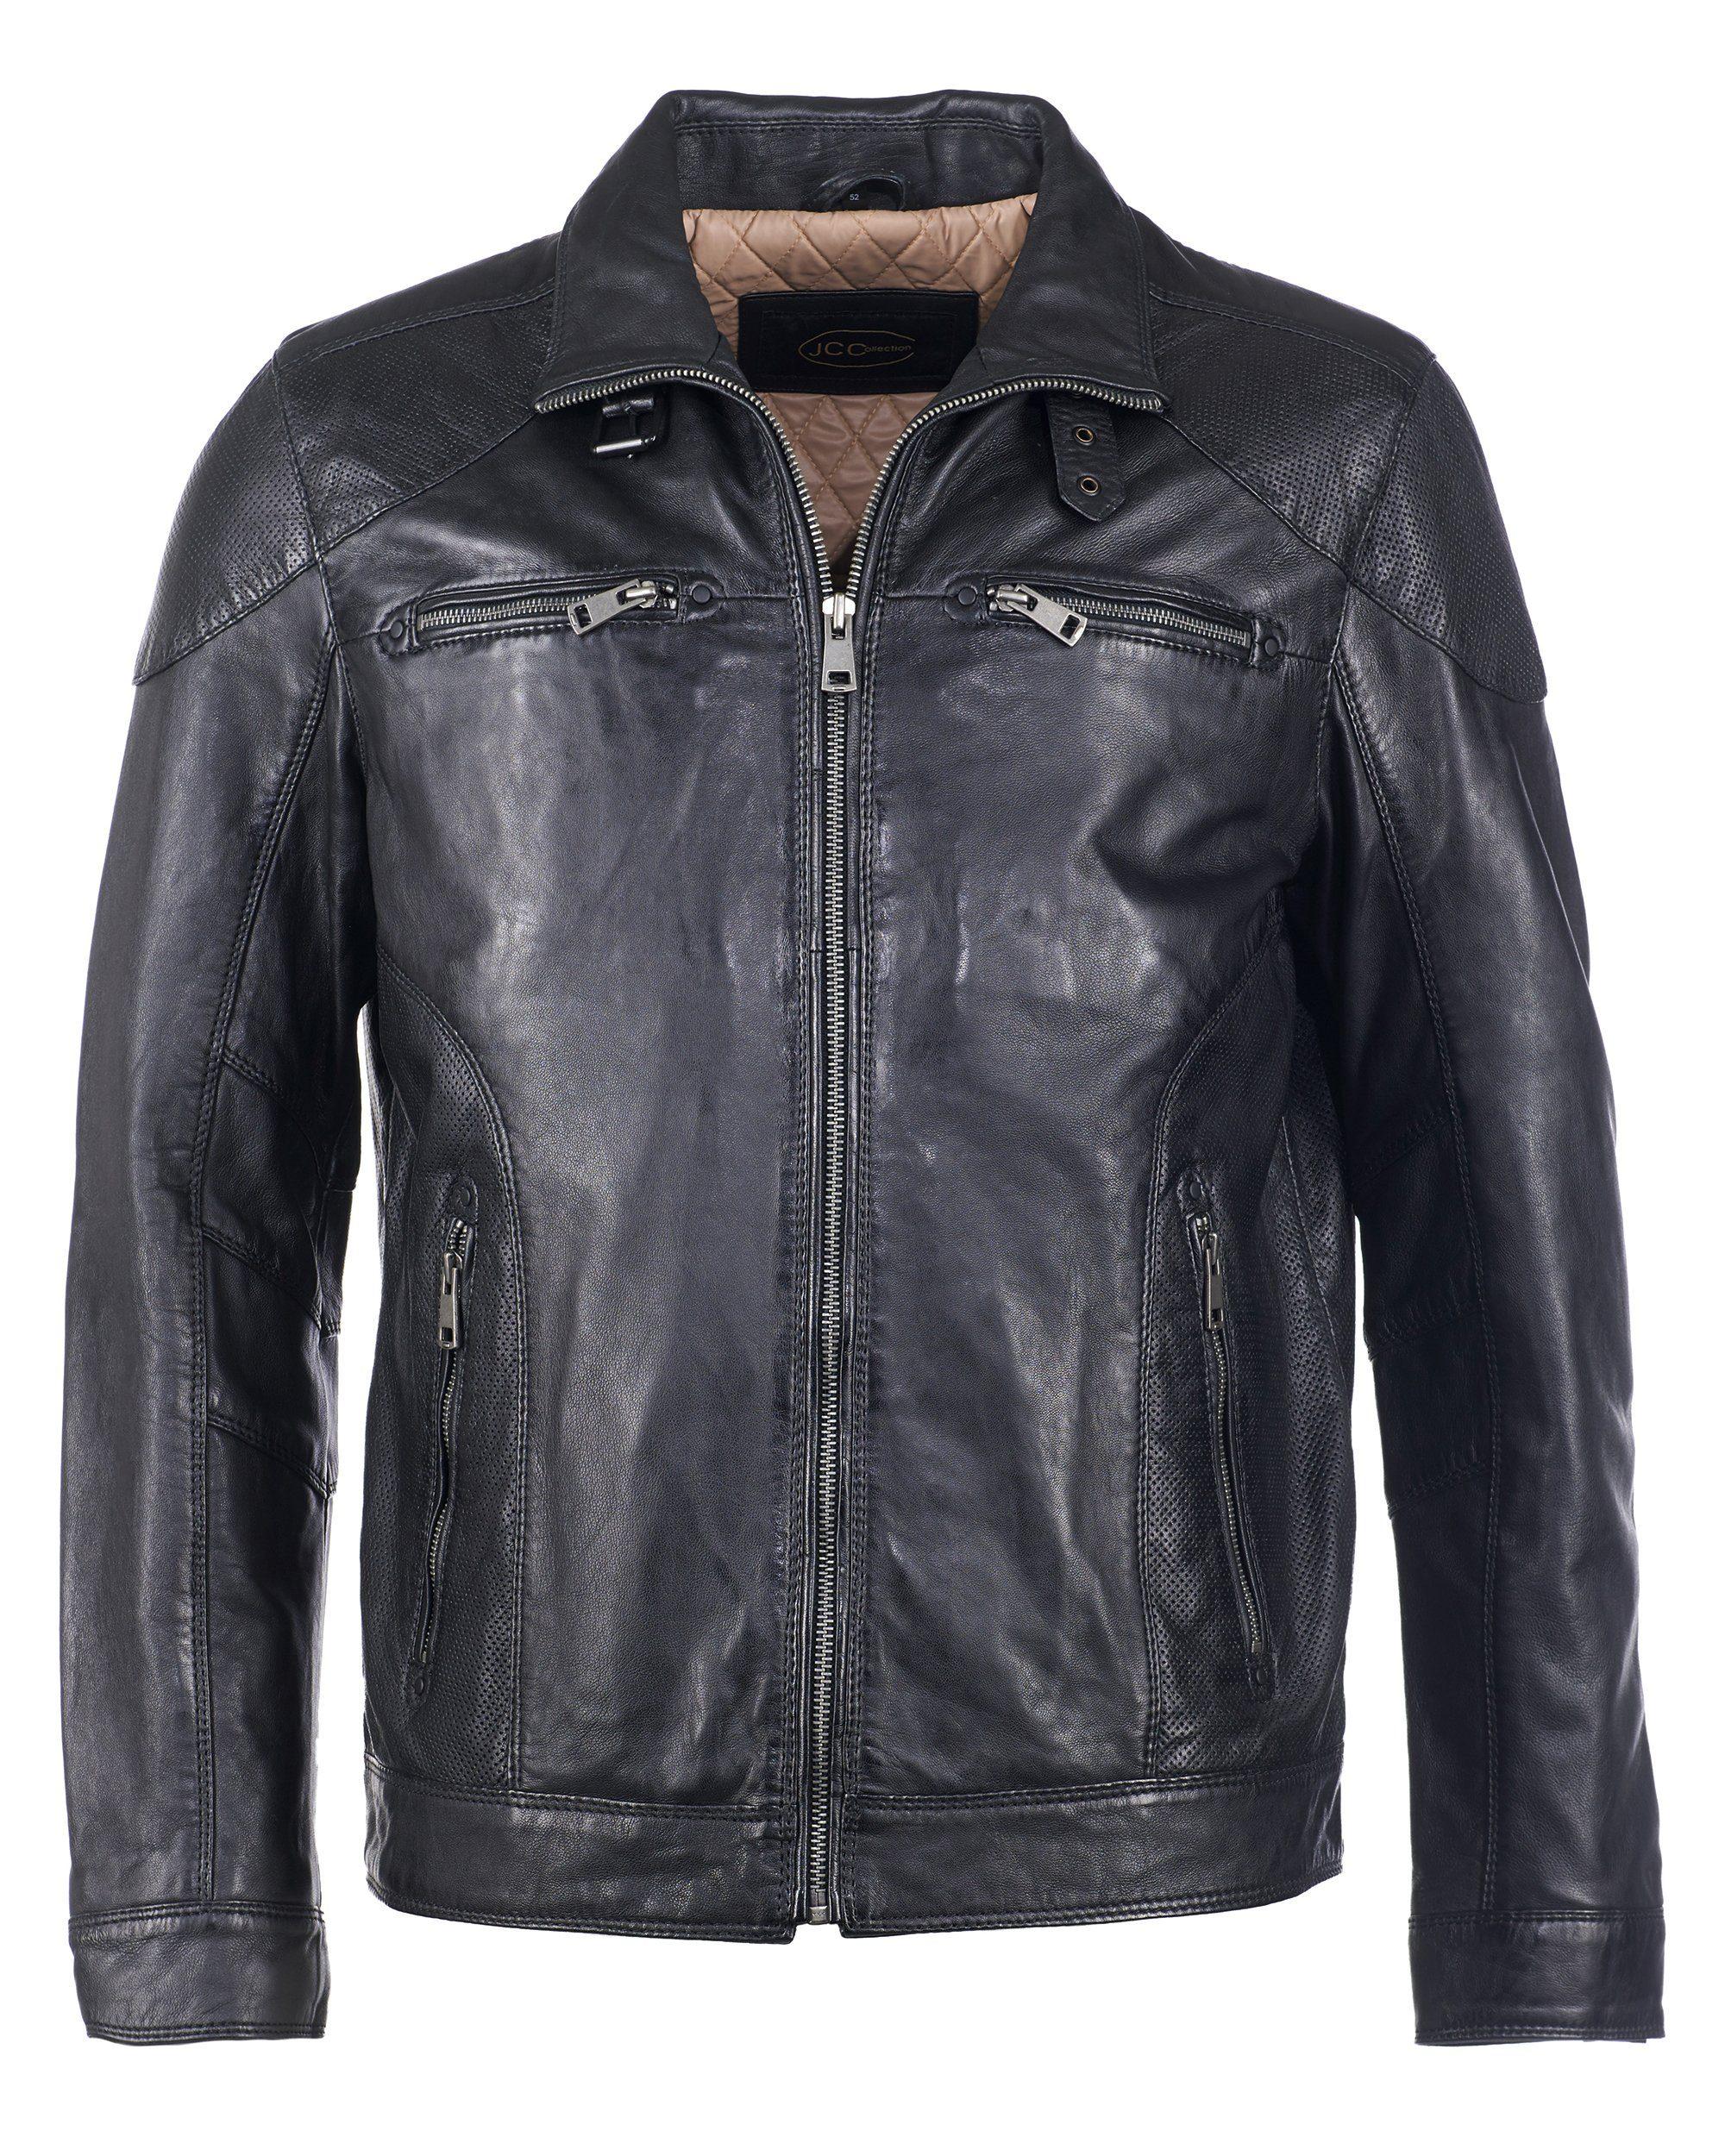 JCC Herrenlederjacke mit Verschlussschnalle 51195   Bekleidung > Jacken > Lederjacken   Schwarz   Jcc